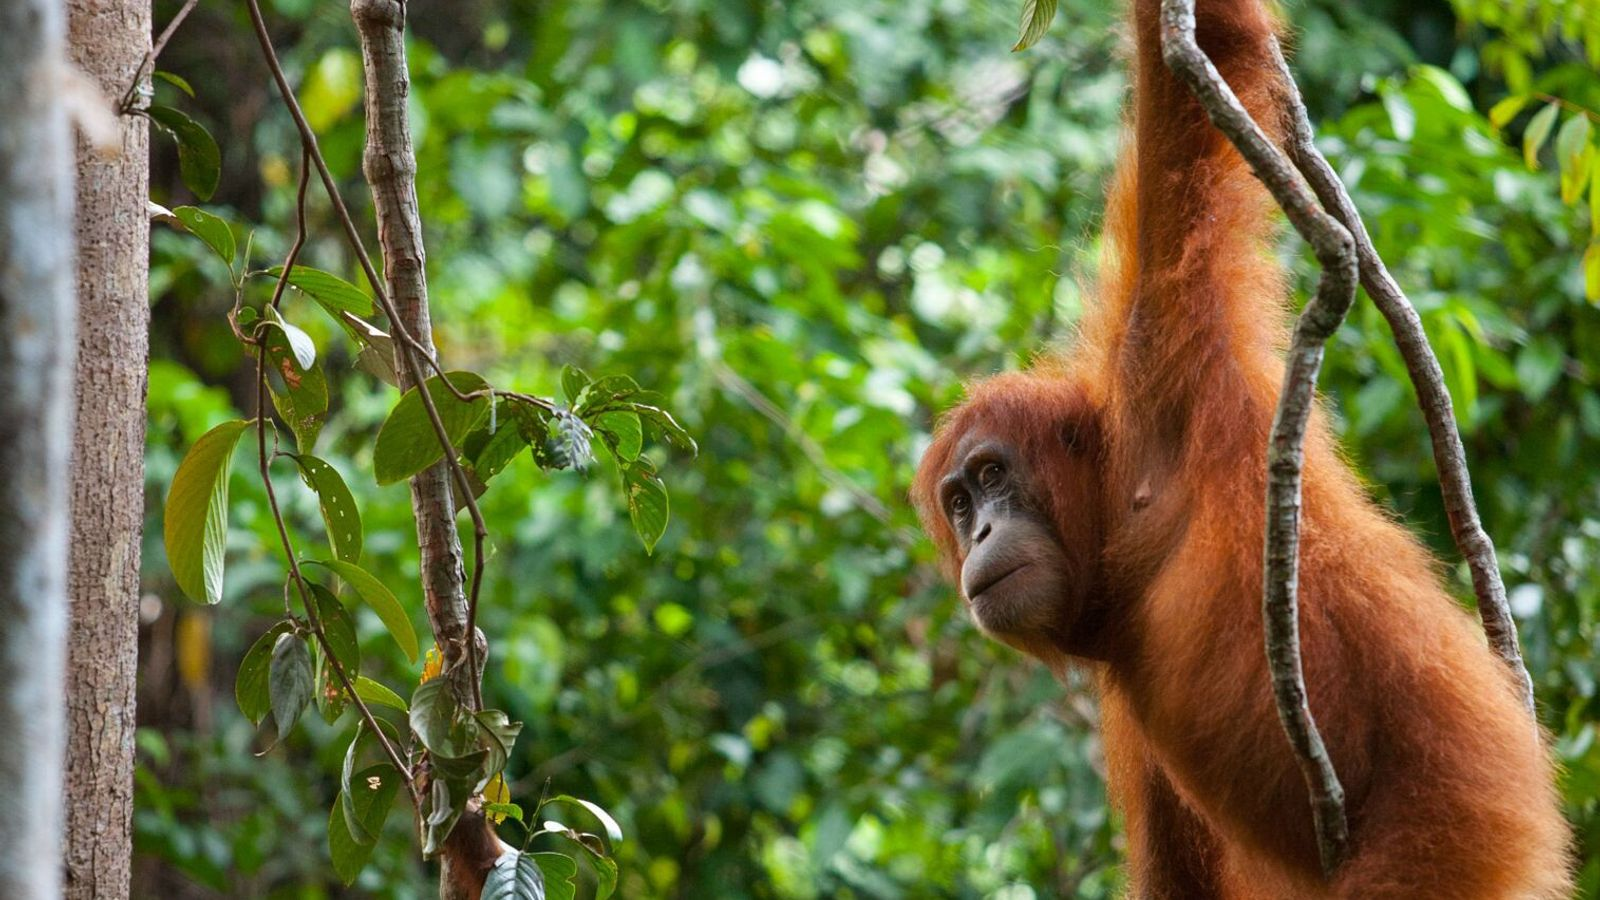 A Sumatran orangutan mother